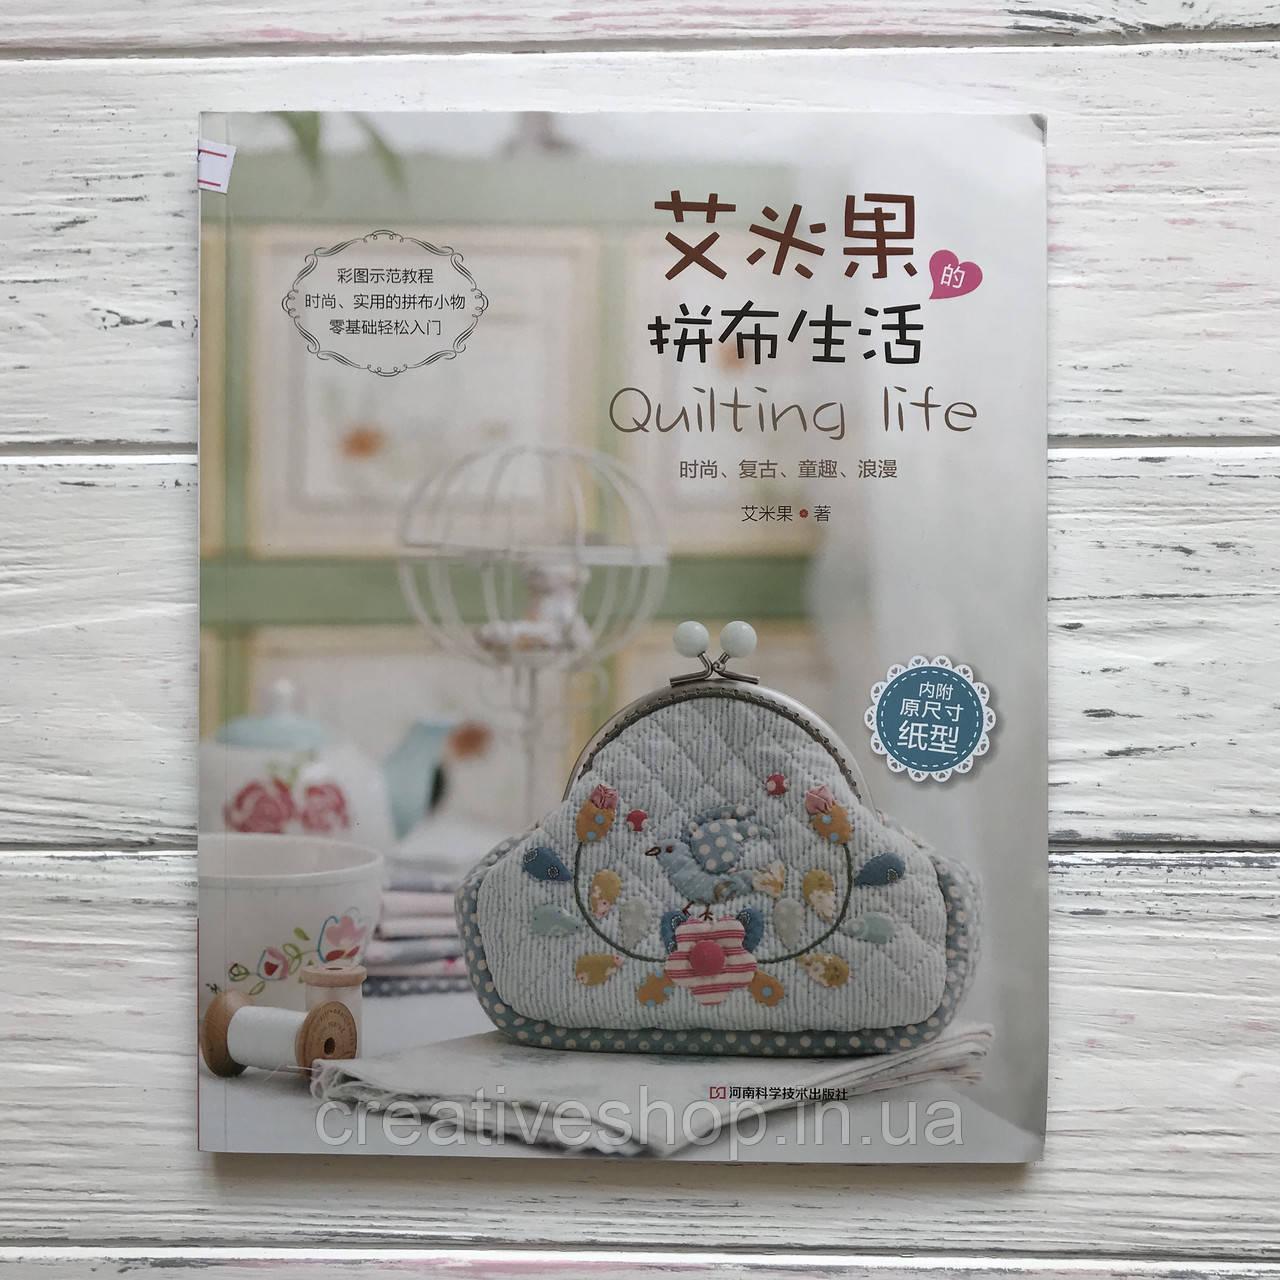 """Журнал по пэчворку """"Quilting life"""""""